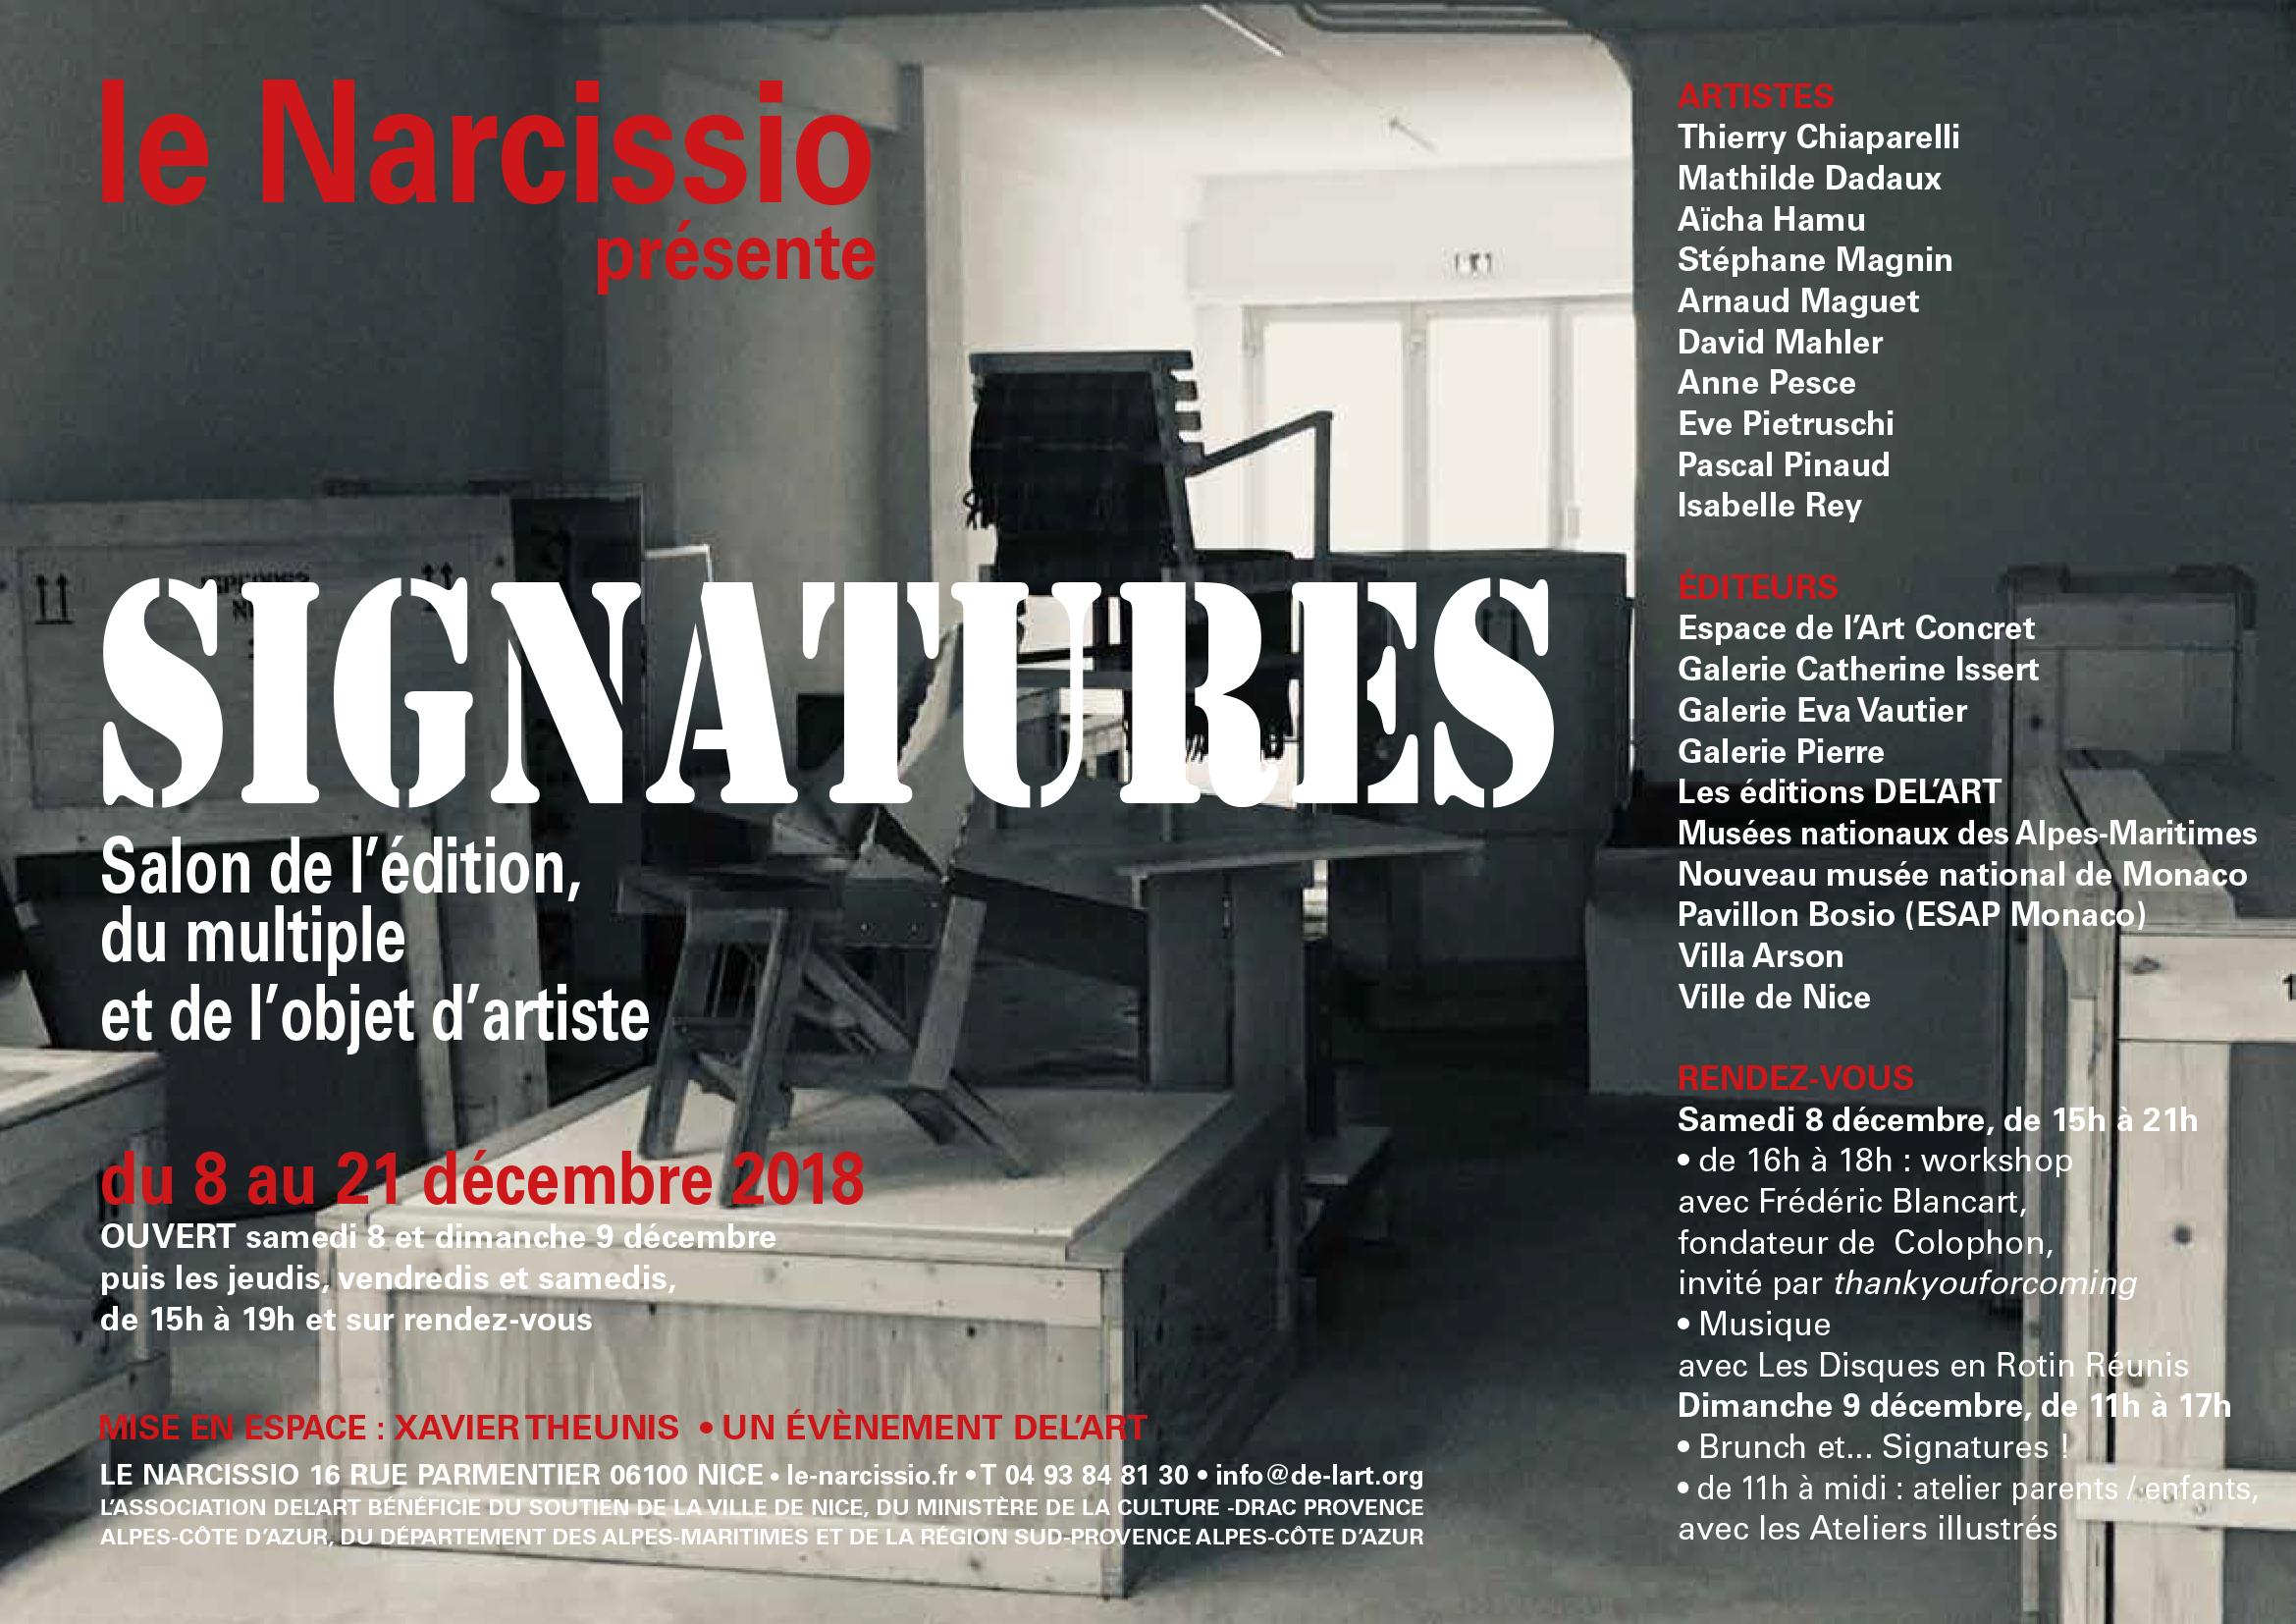 Signatures 2018, le Narcissio